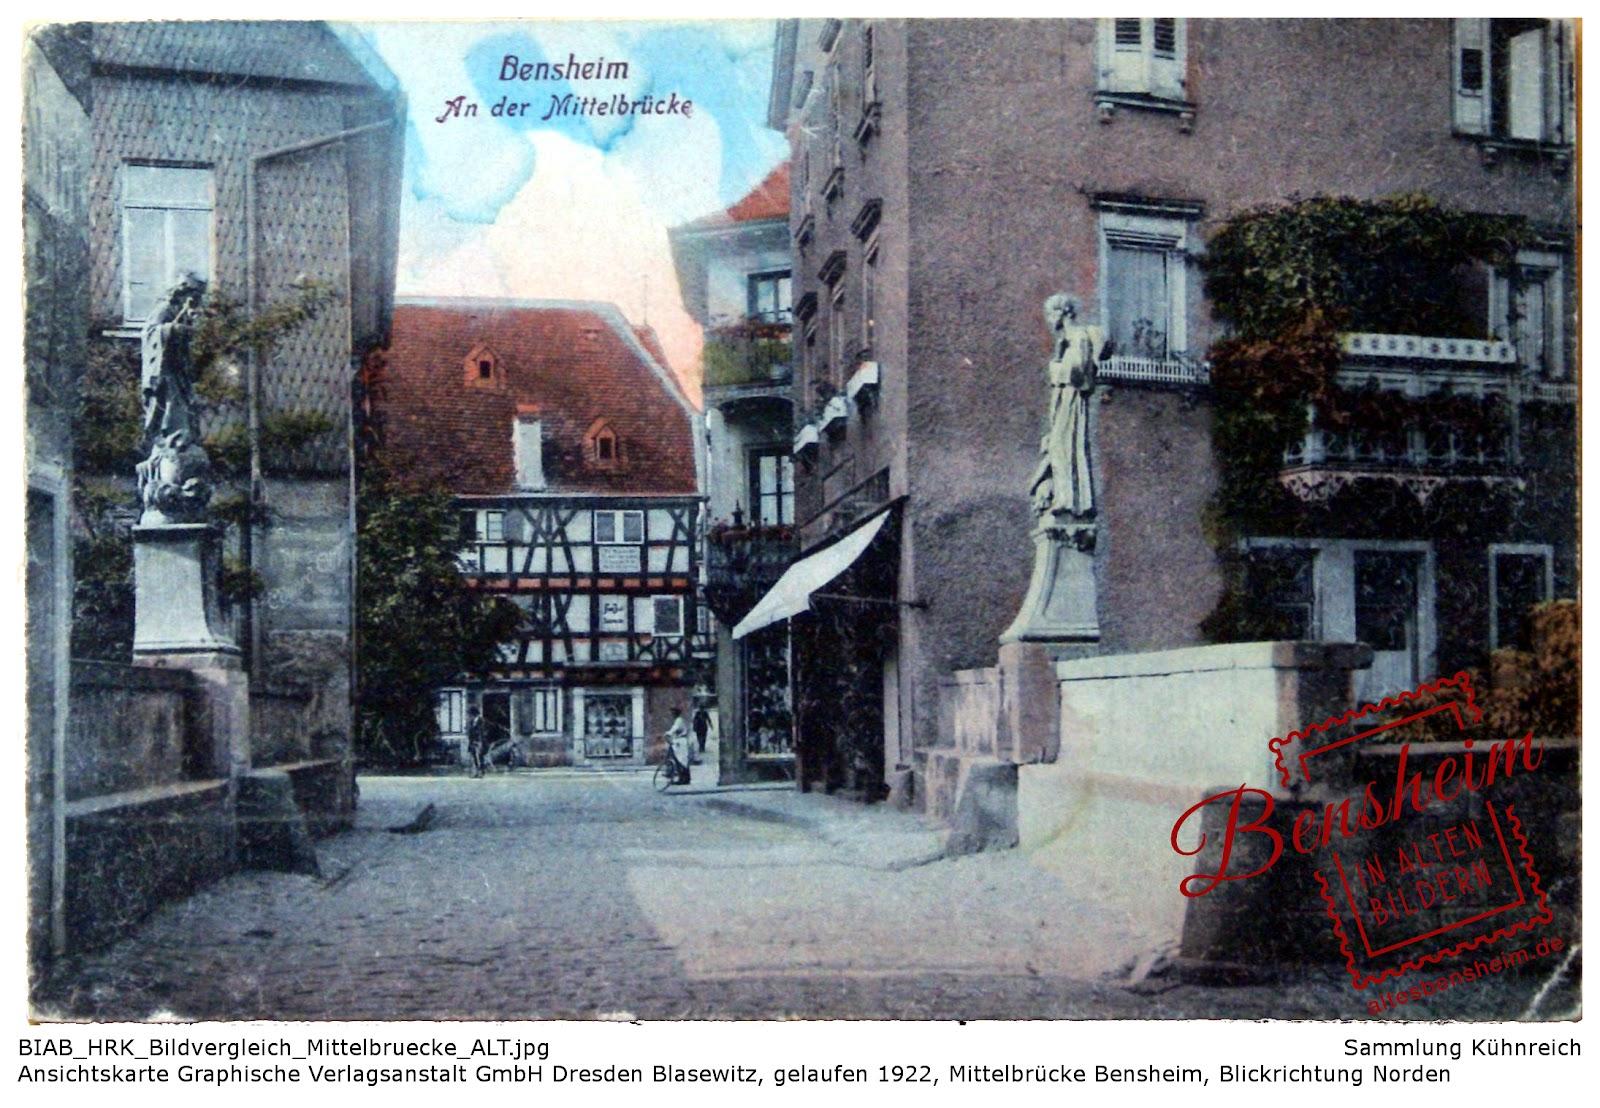 Ansichtskarte, gelaufen 1922, Mittelbrücke Bensheim, Graphische Verlagsanstalt GmbH Dresden-Blasewitz, Sammlung Kühnreich